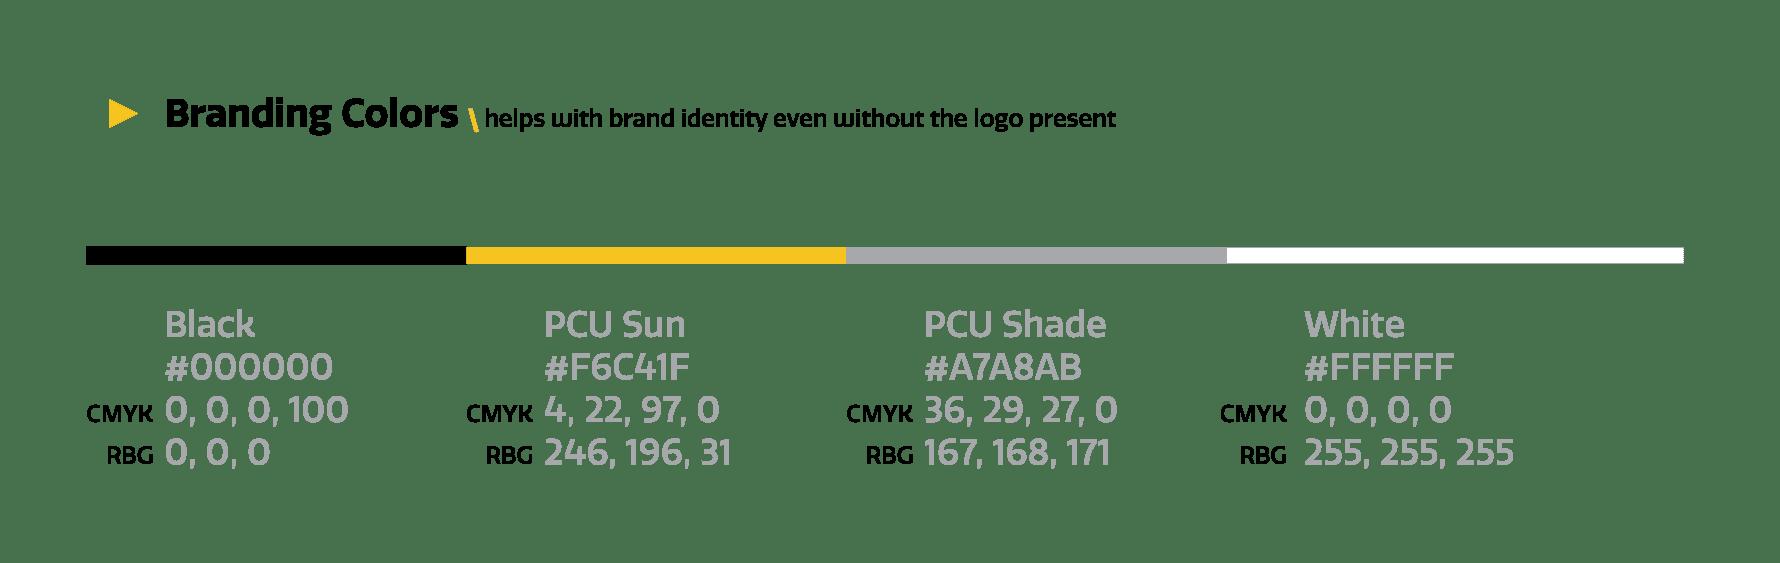 pcu-logo-3